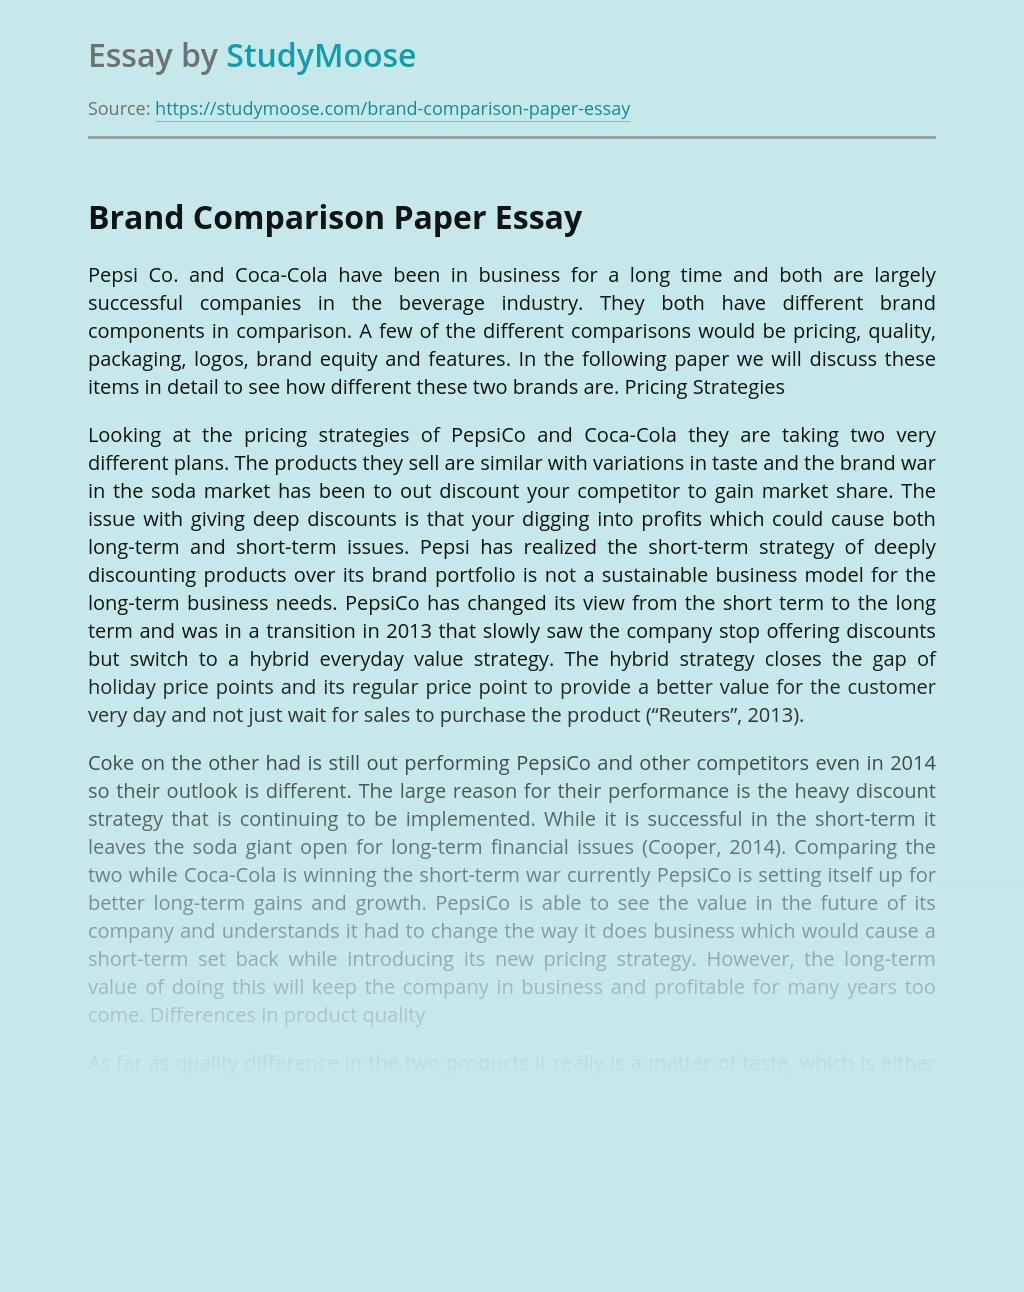 Brand Comparison Paper